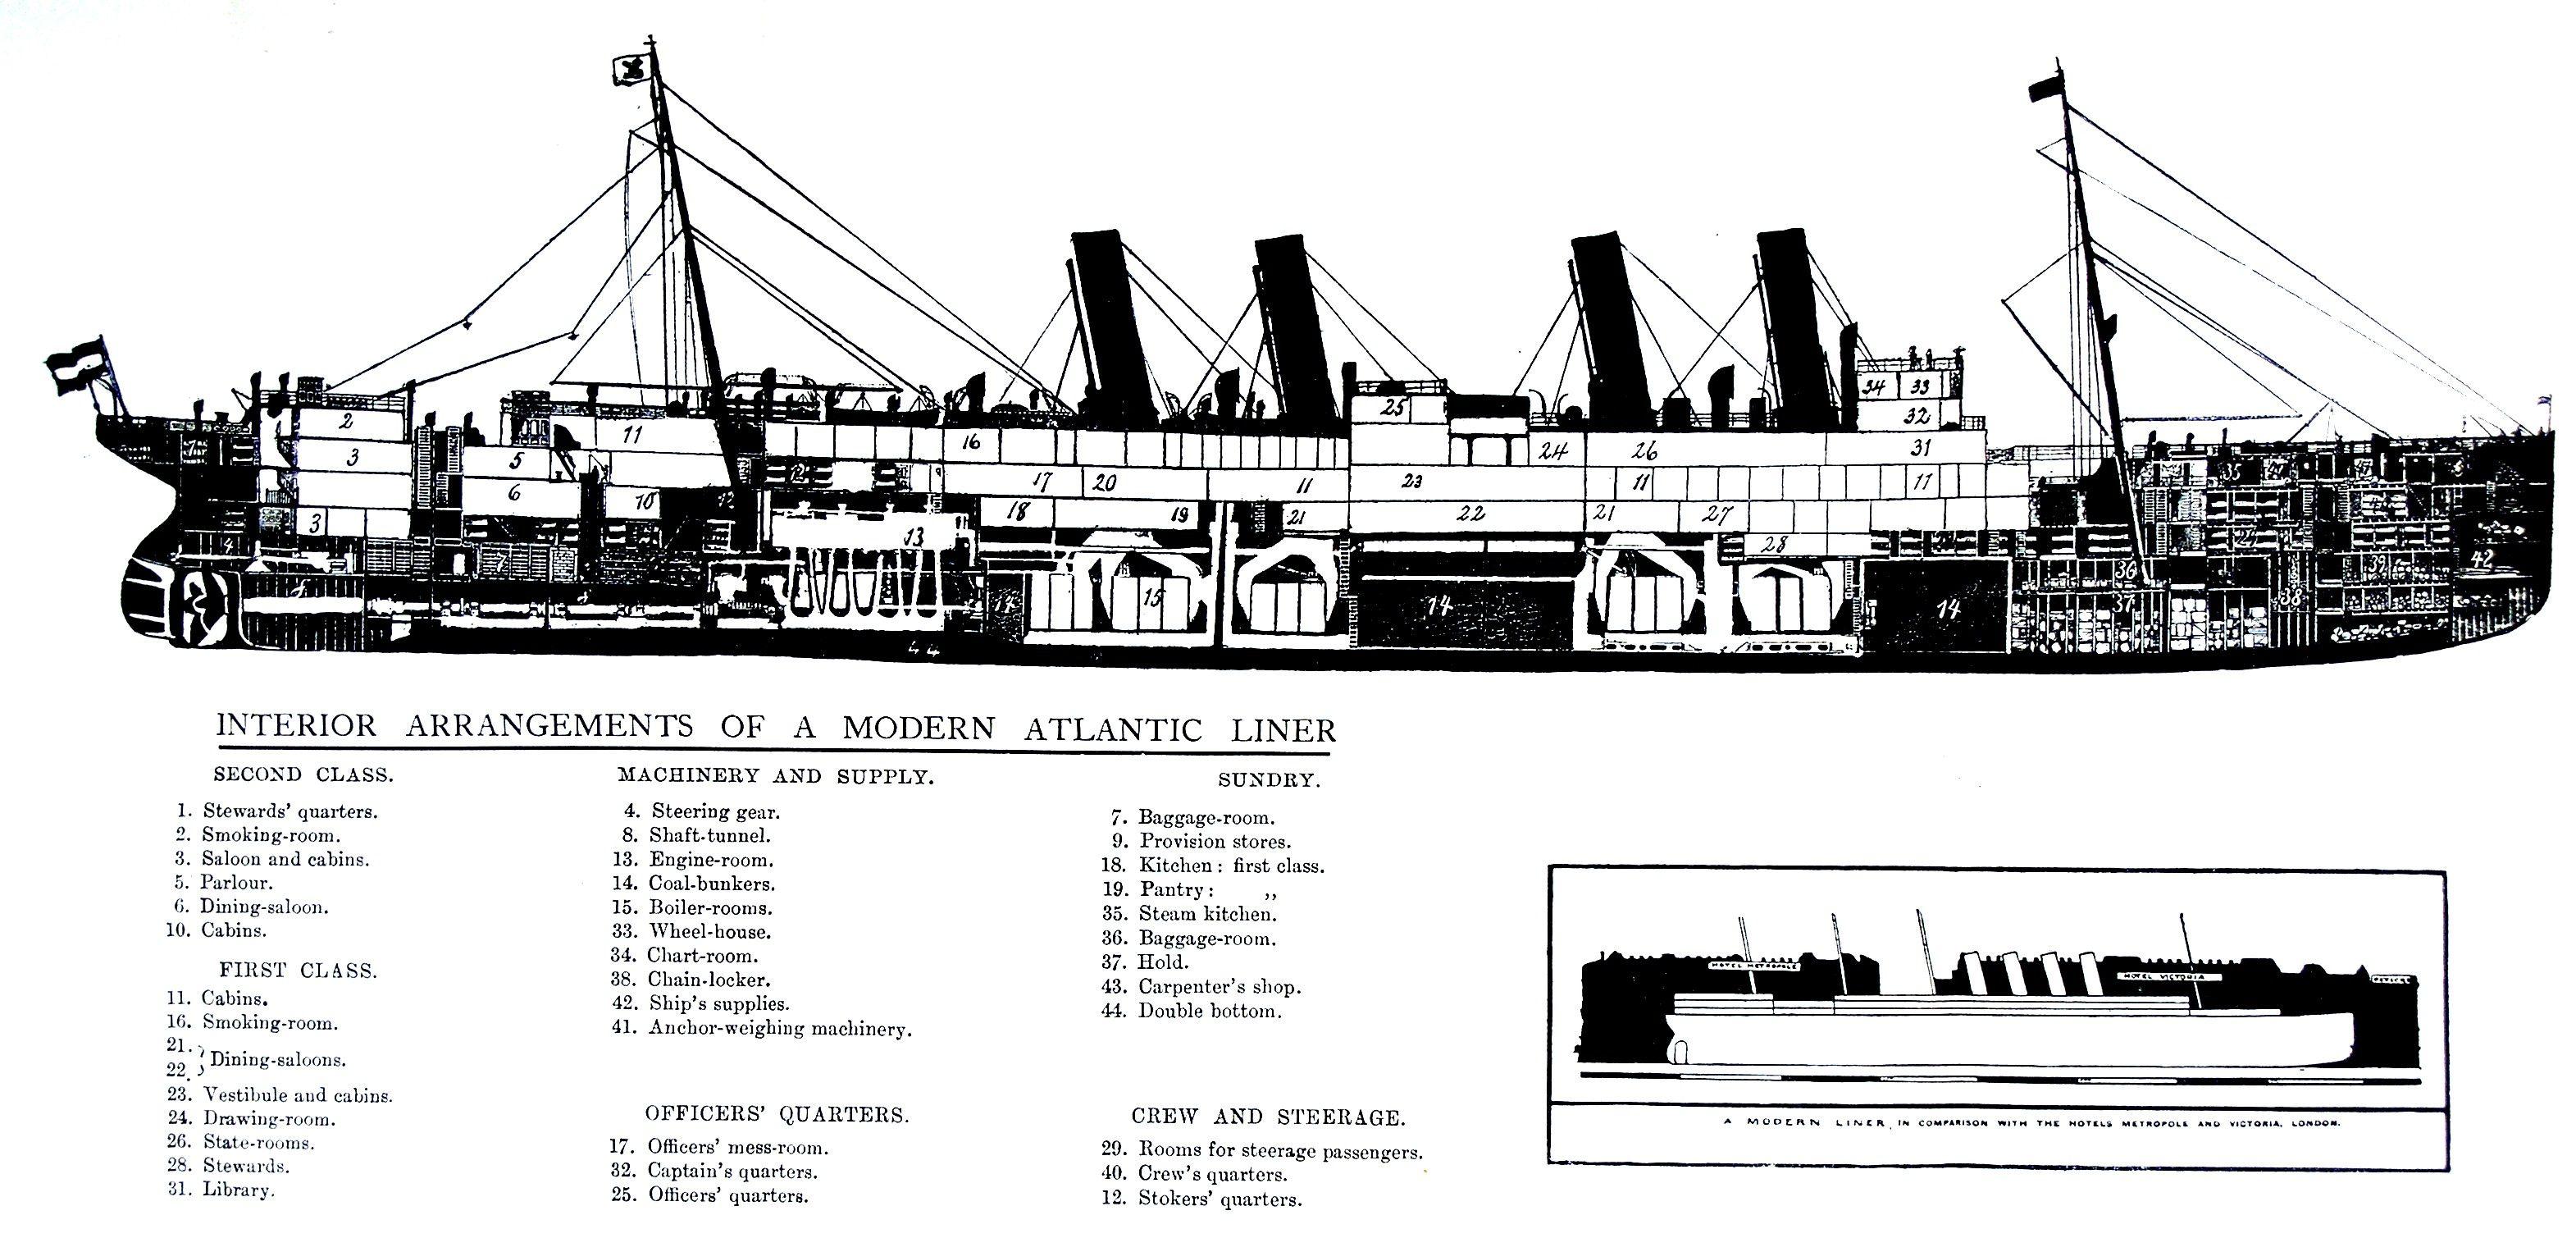 1900 steam ship